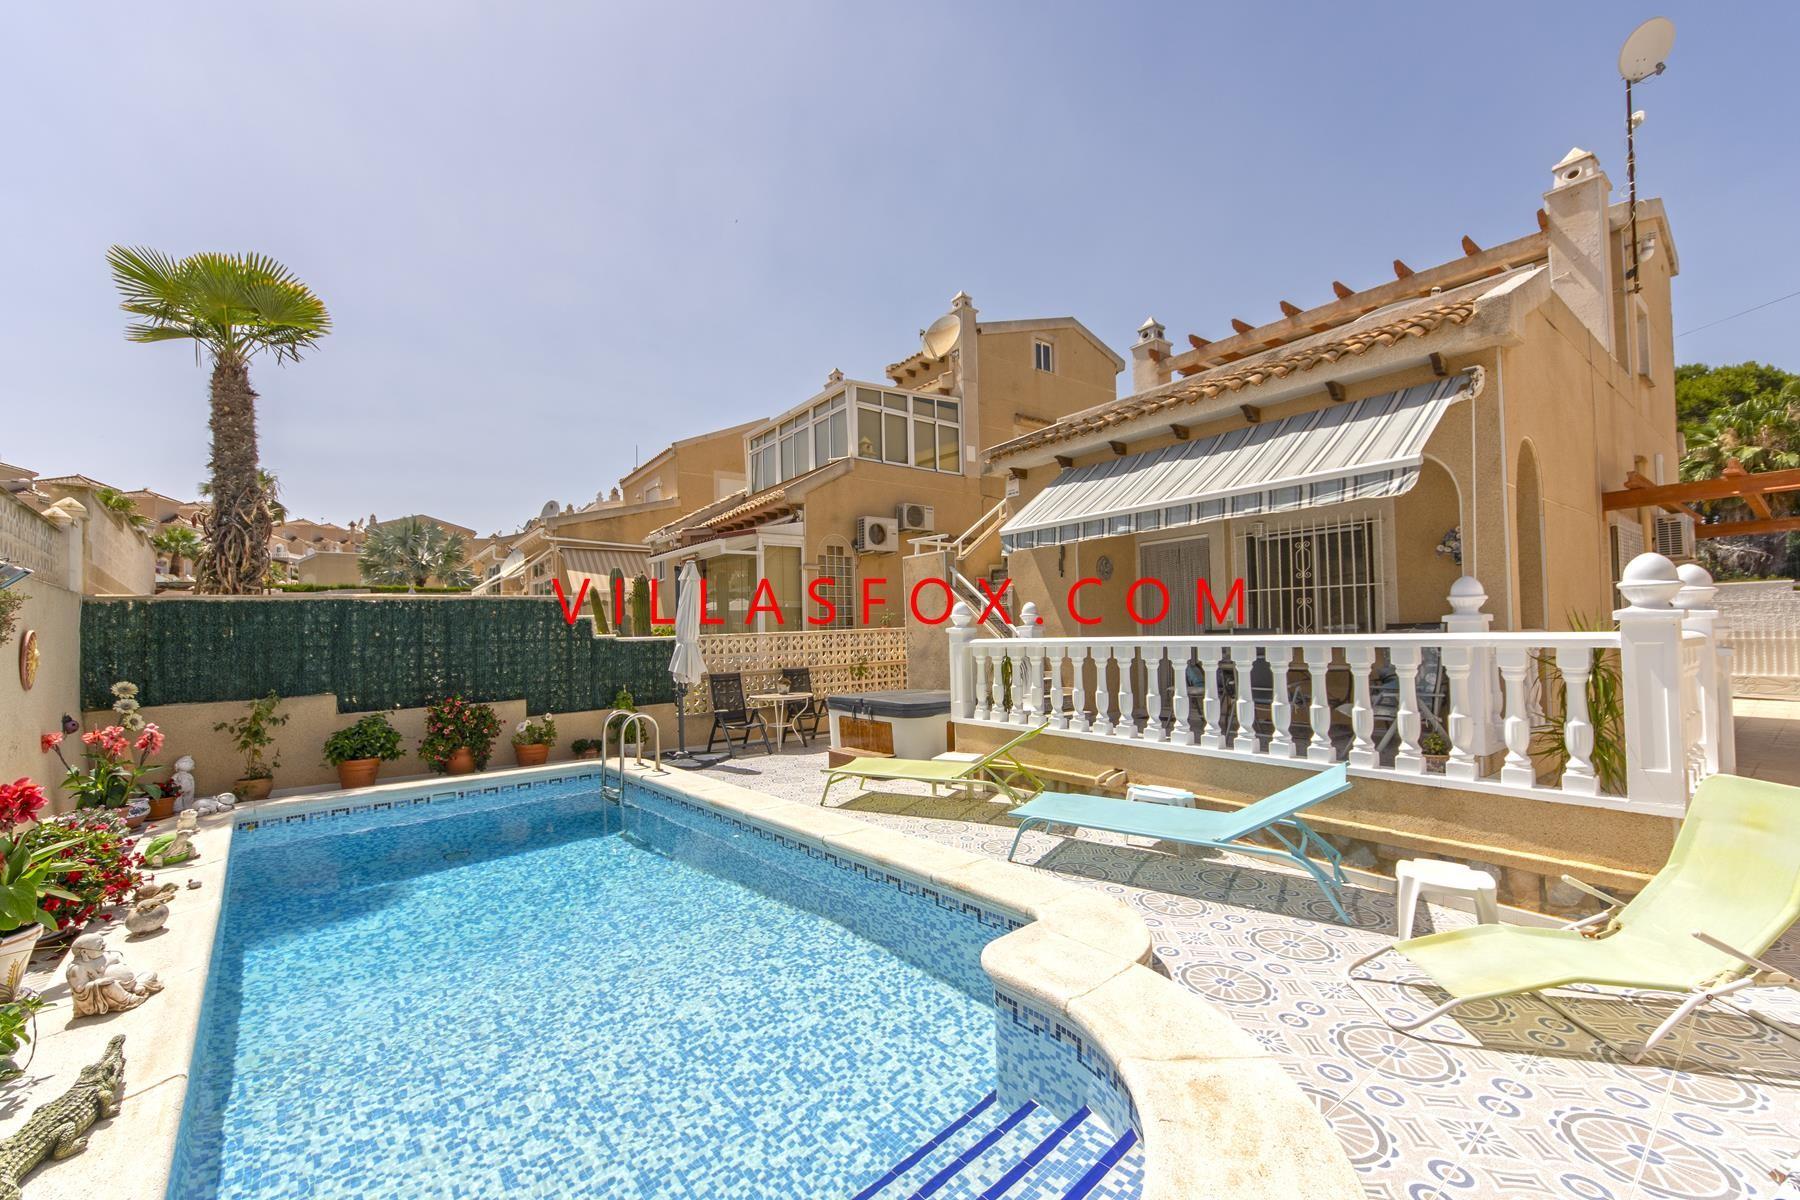 Sininen laguuni (San Miguel) omakotitalo, 3 makuuhuonetta, oma uima-allas, edullinen hinta